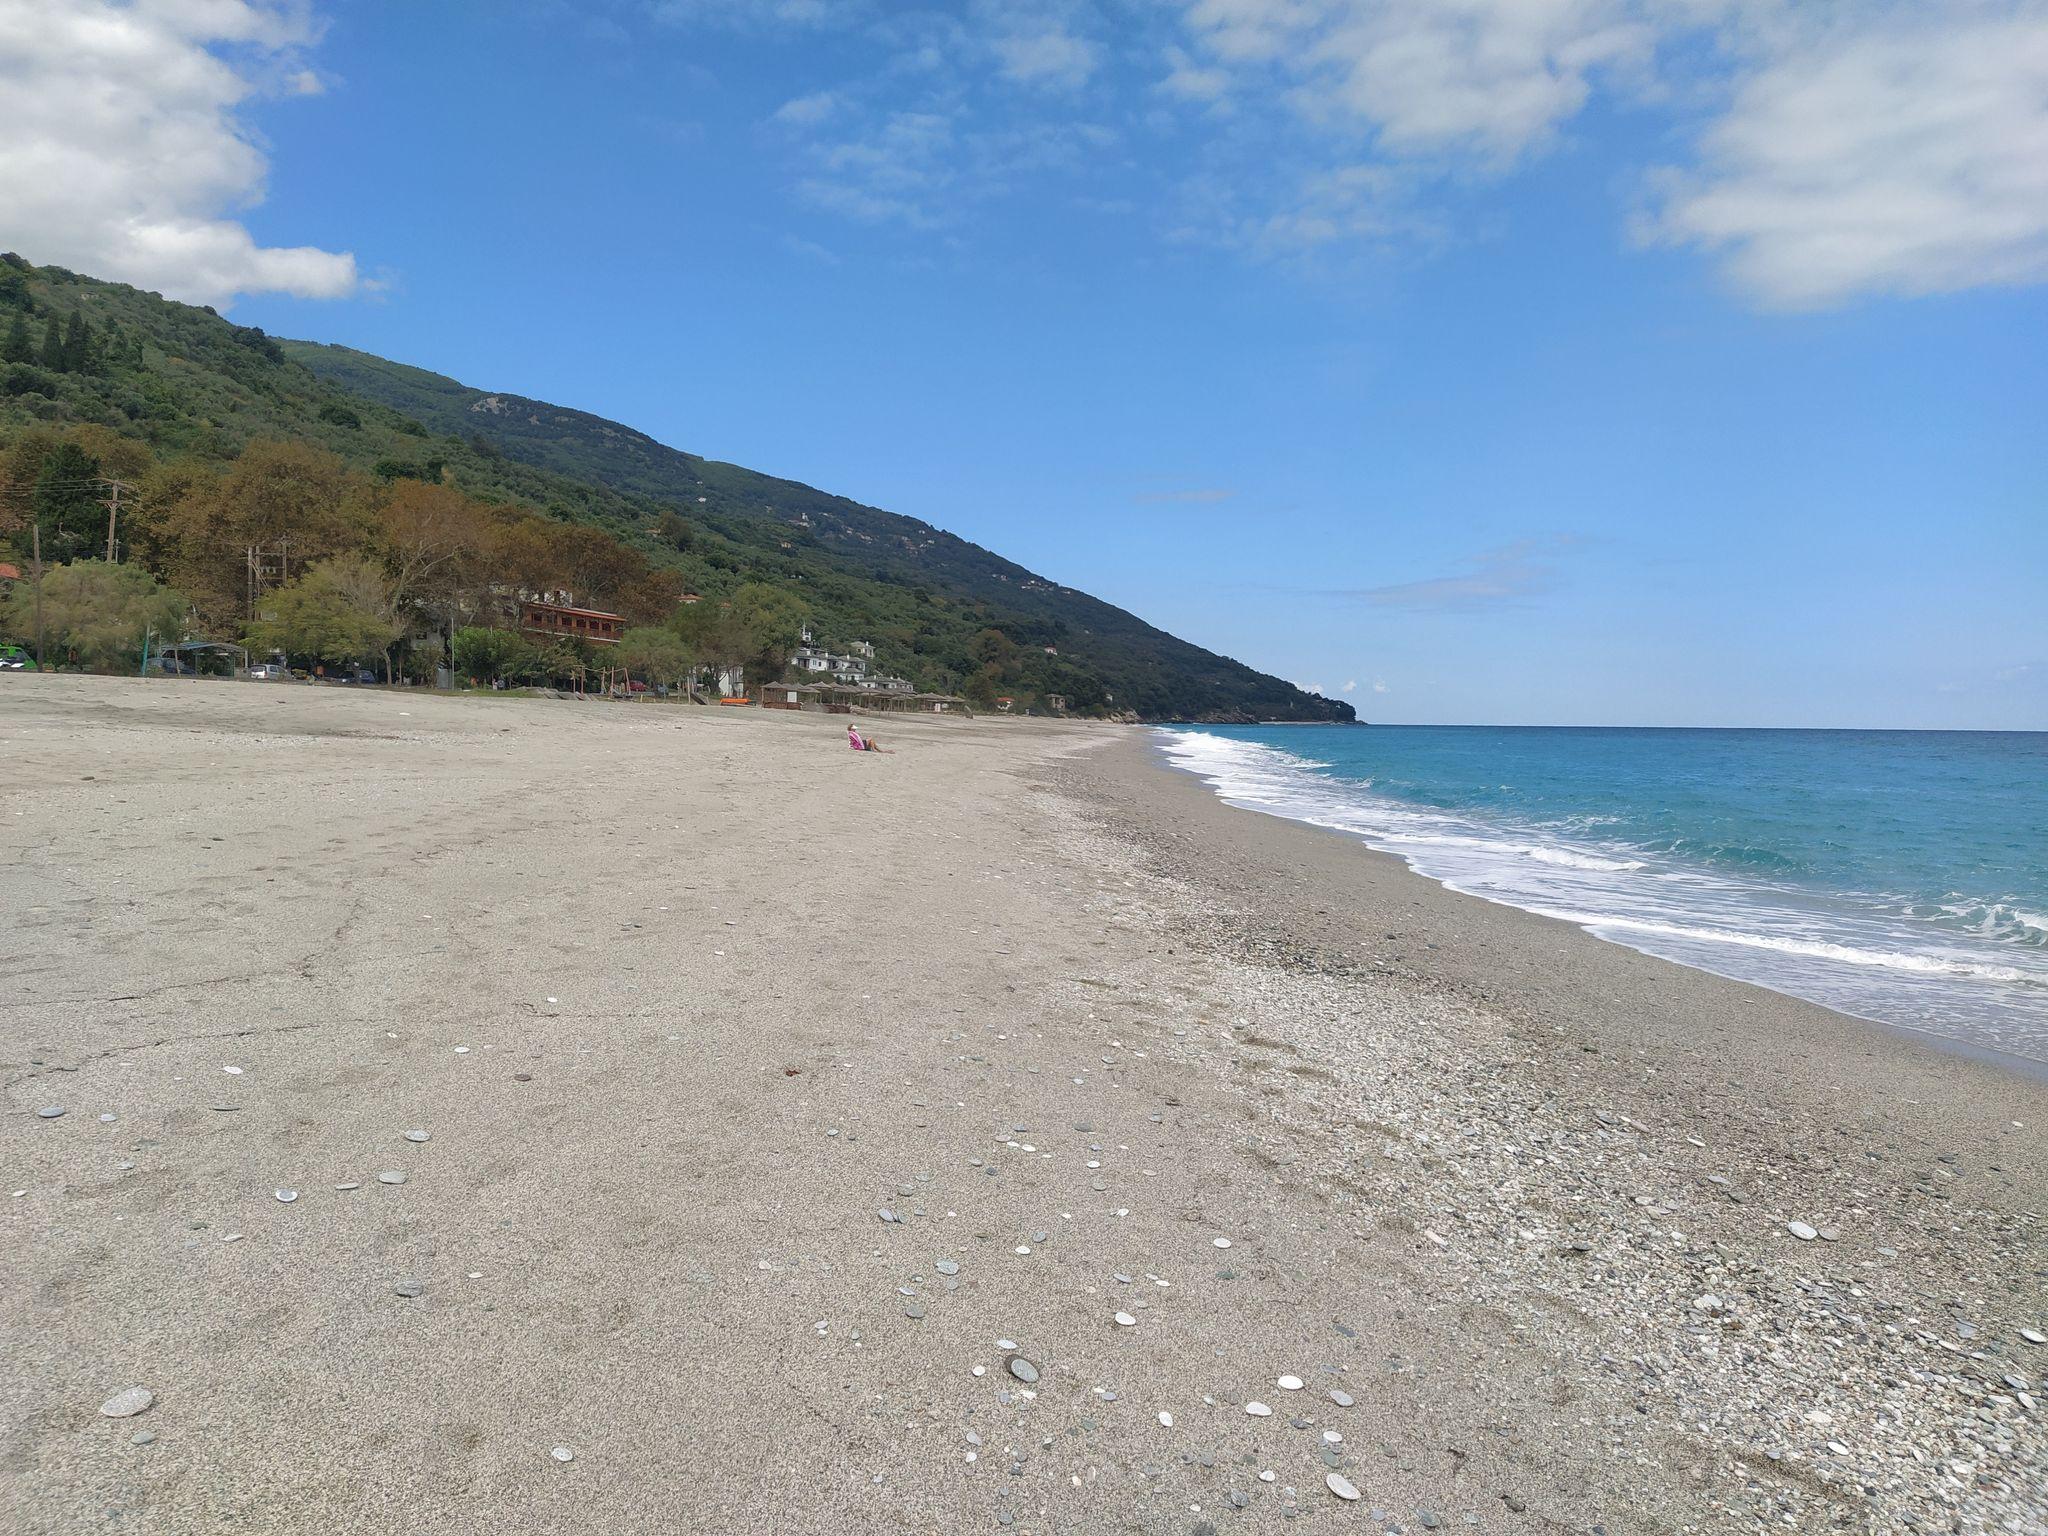 Плаж Хоревто, Пилио